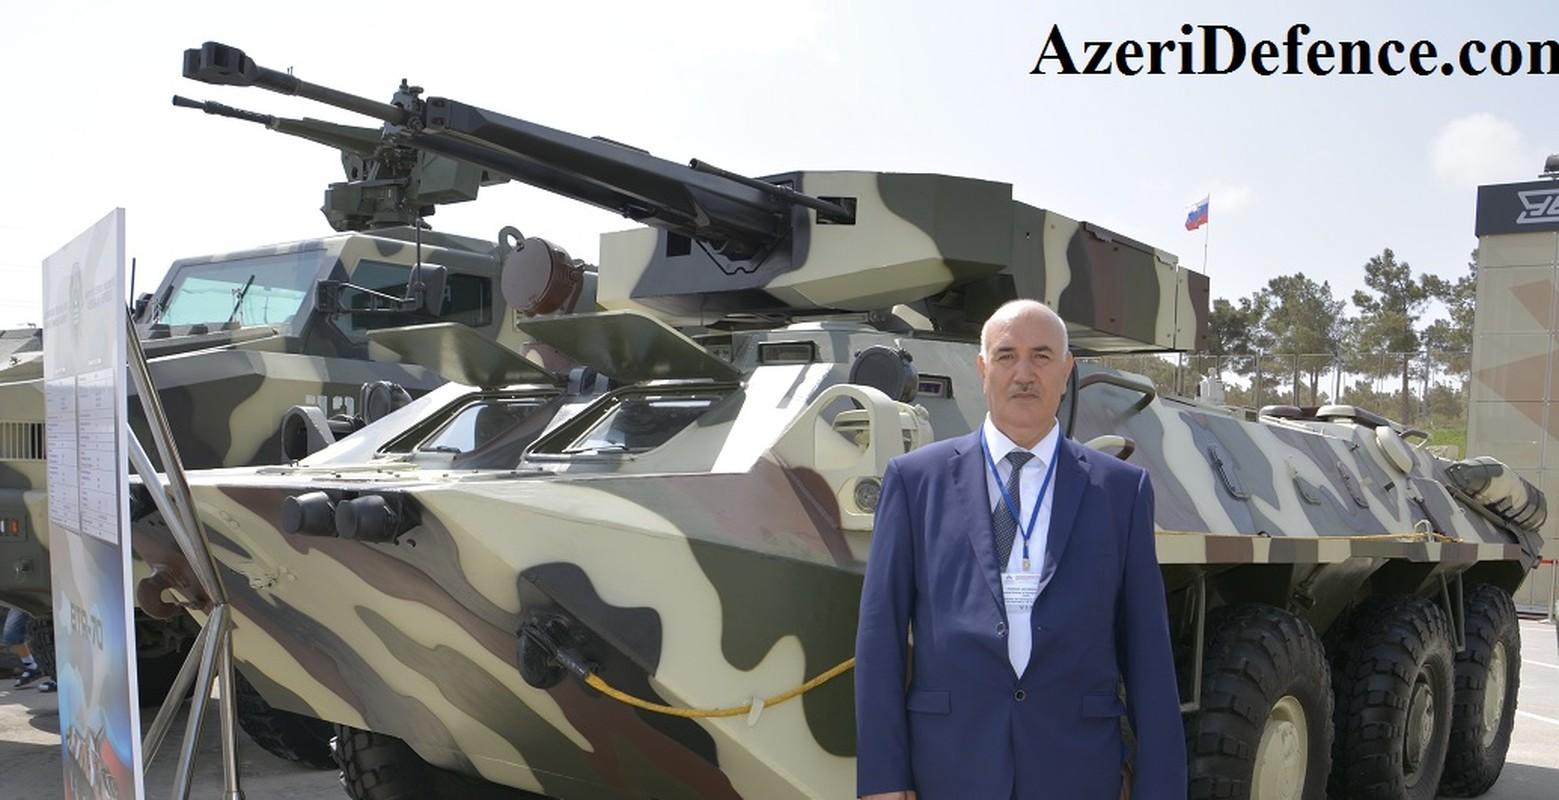 Quan doi Azerbaijan so huu nhieu vu khi hang dau cua Nga/Xo... Armenia lep ve?-Hinh-7